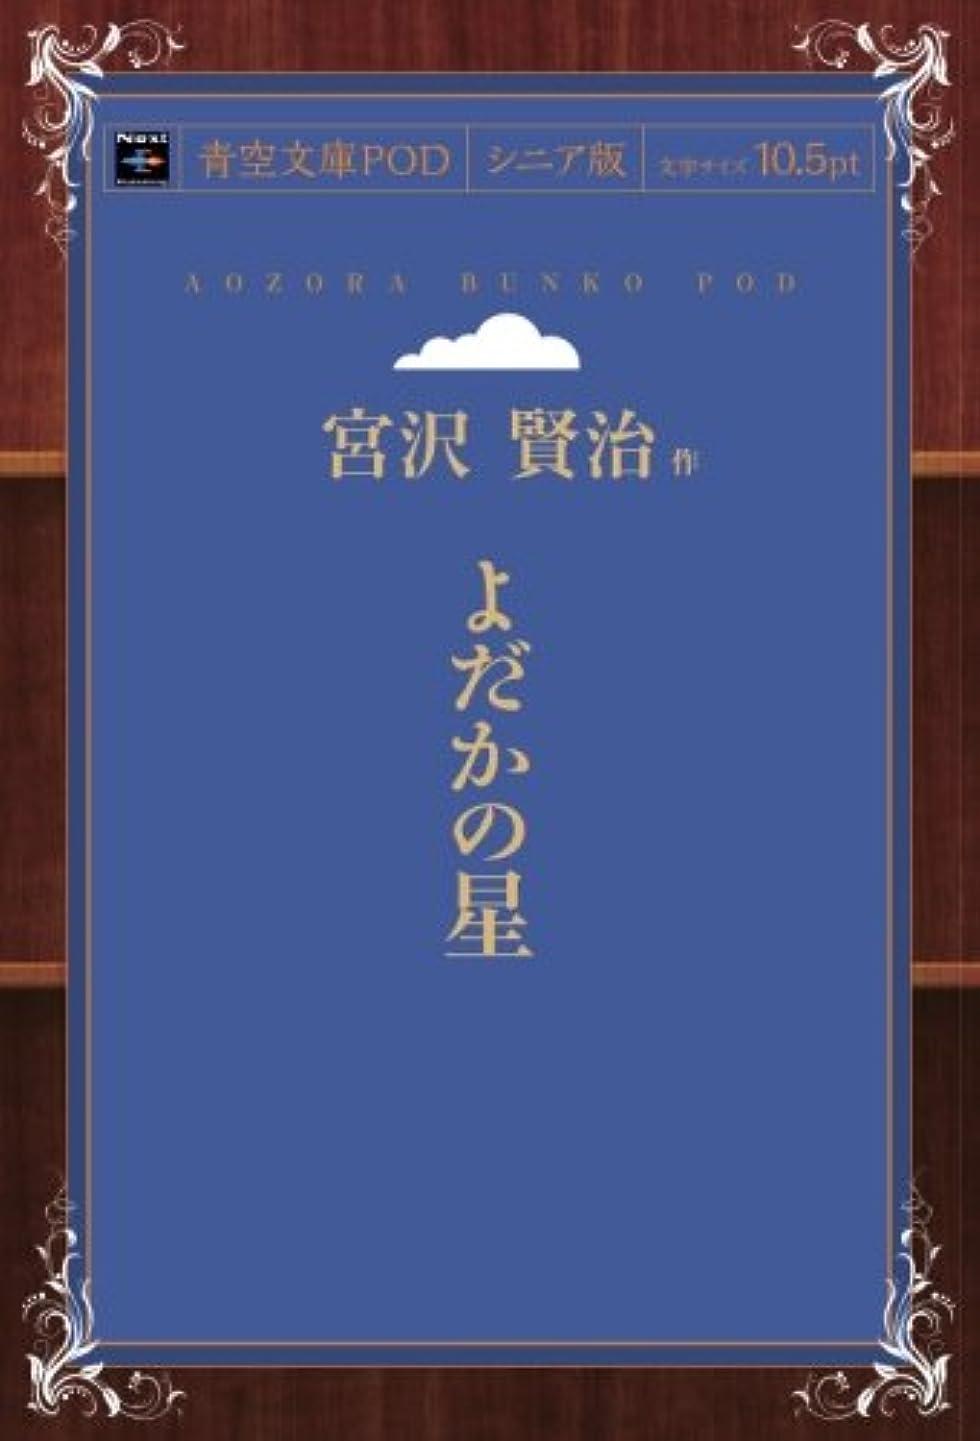 無心カルシウム前者よだかの星 (青空文庫POD(シニア版))